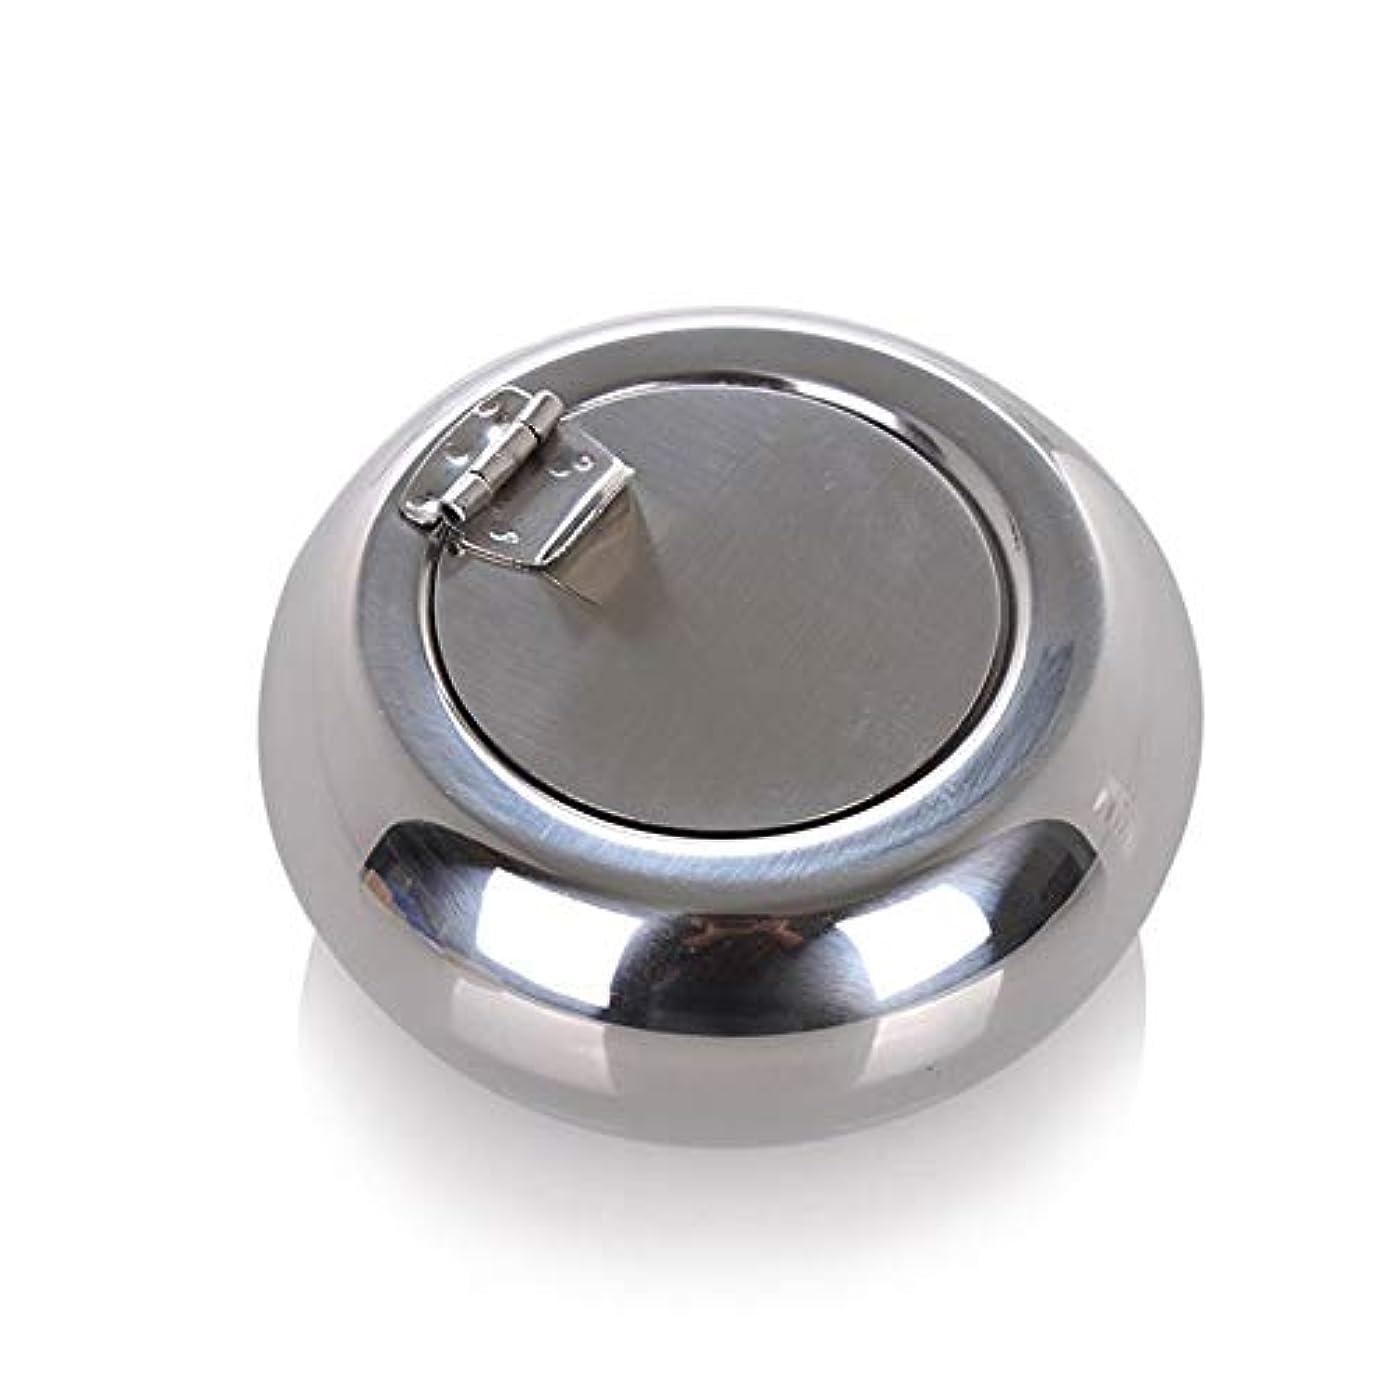 スタッフオフリダクタードラム型のステンレス鋼の灰皿防風カバーヨーロッパの灰皿の人格トレンド金属煤創造的な家、高品質のステンレス鋼、防風カバー灰皿ゴールドブラック色 (色 : 銀, Size : S)